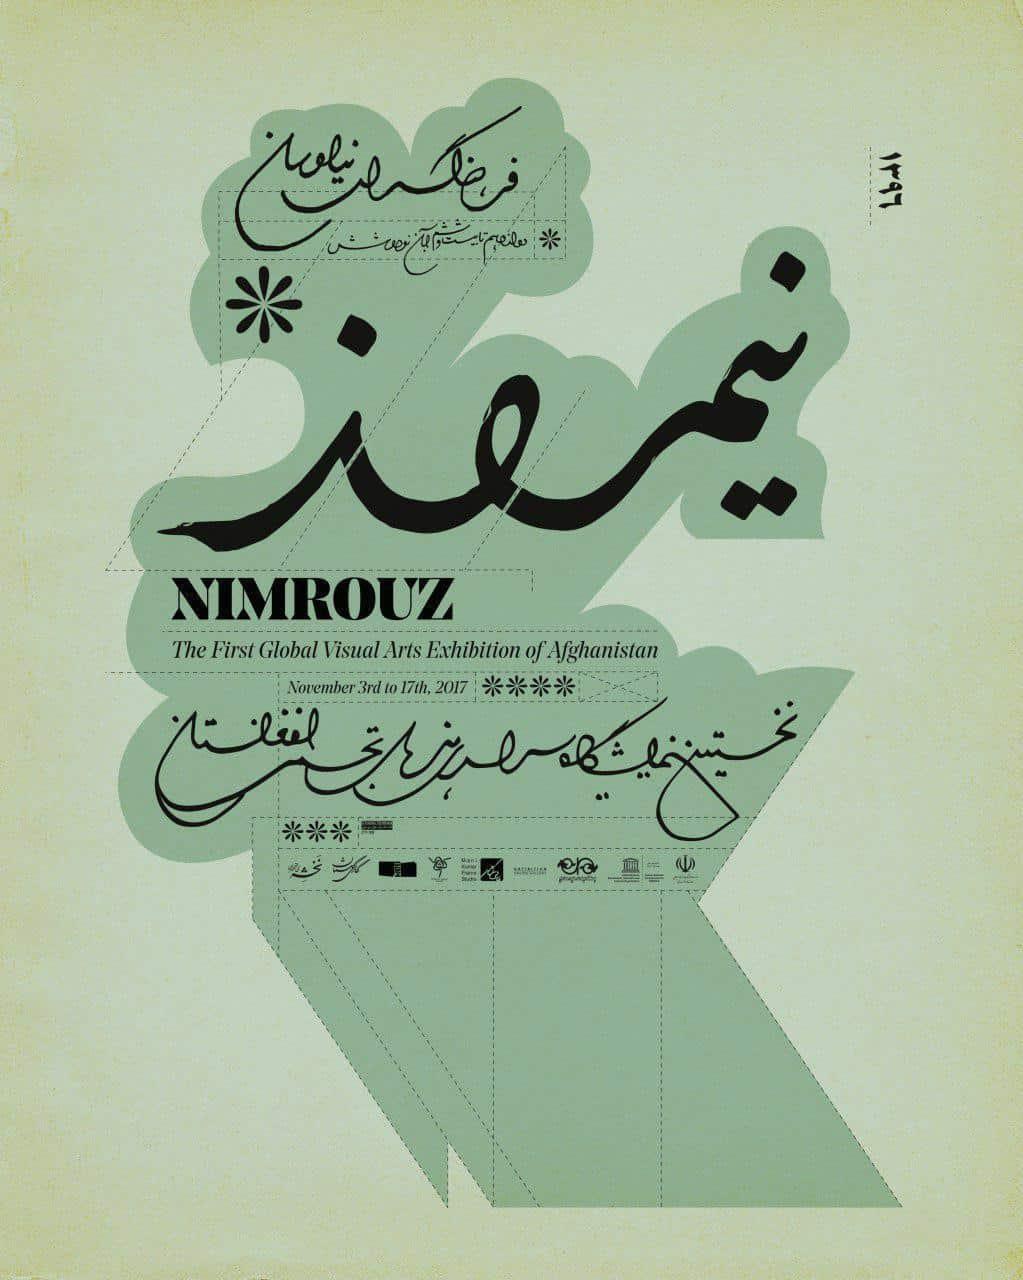 آغاز نخستین نمایشگاه هنرهای تجسمی افغانستان در فرهنگسرای نیاوران